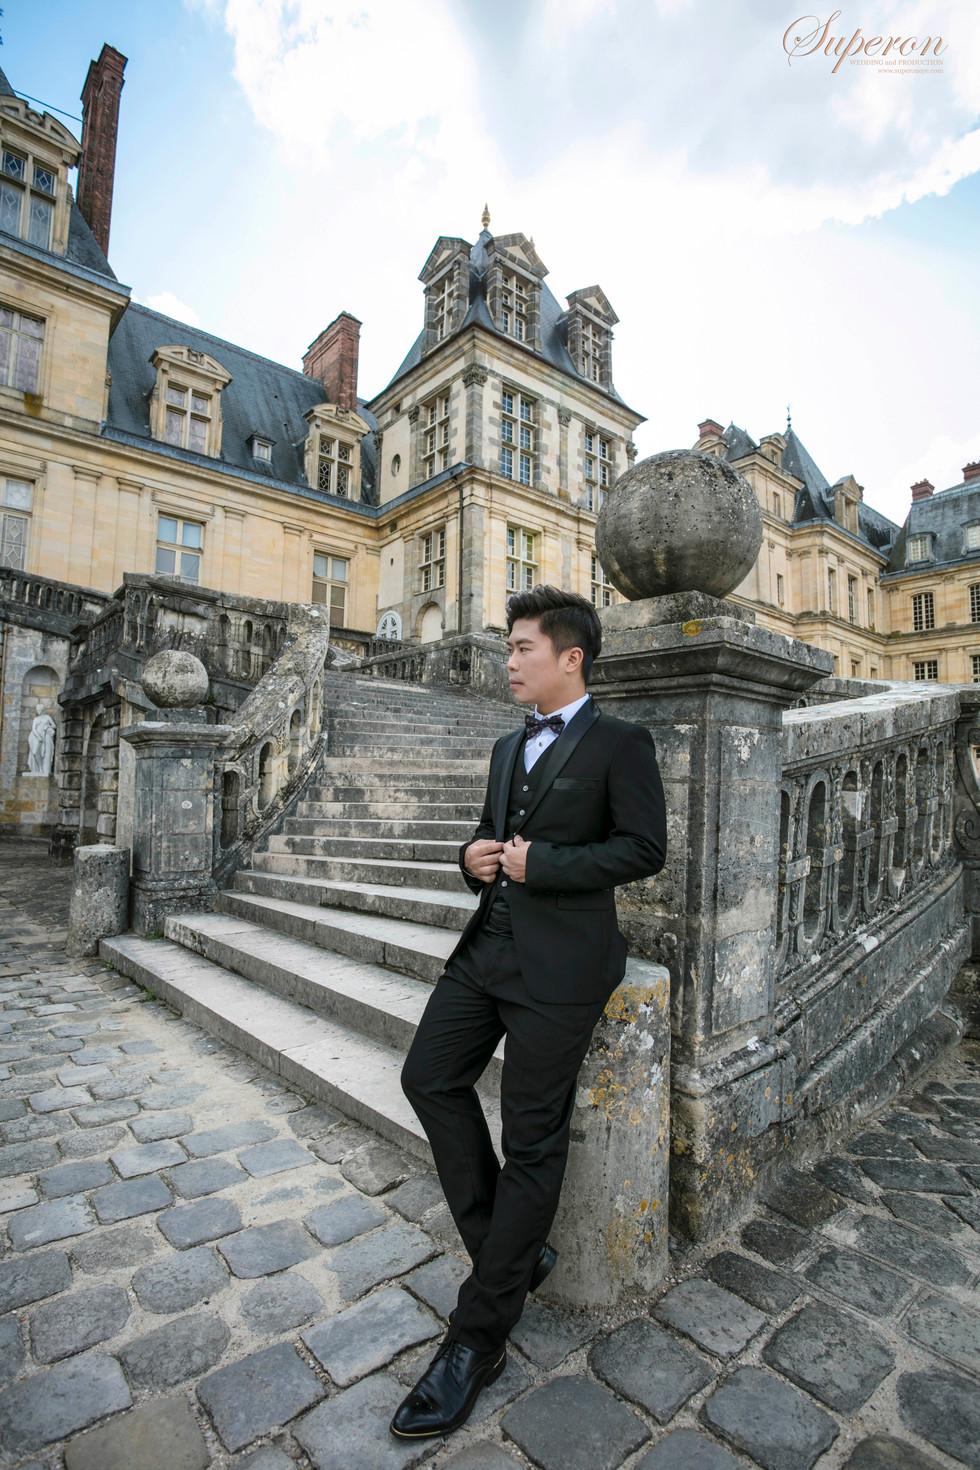 法國巴黎婚紗攝影  海外婚紗攝影 巴黎當地婚紗攝影師